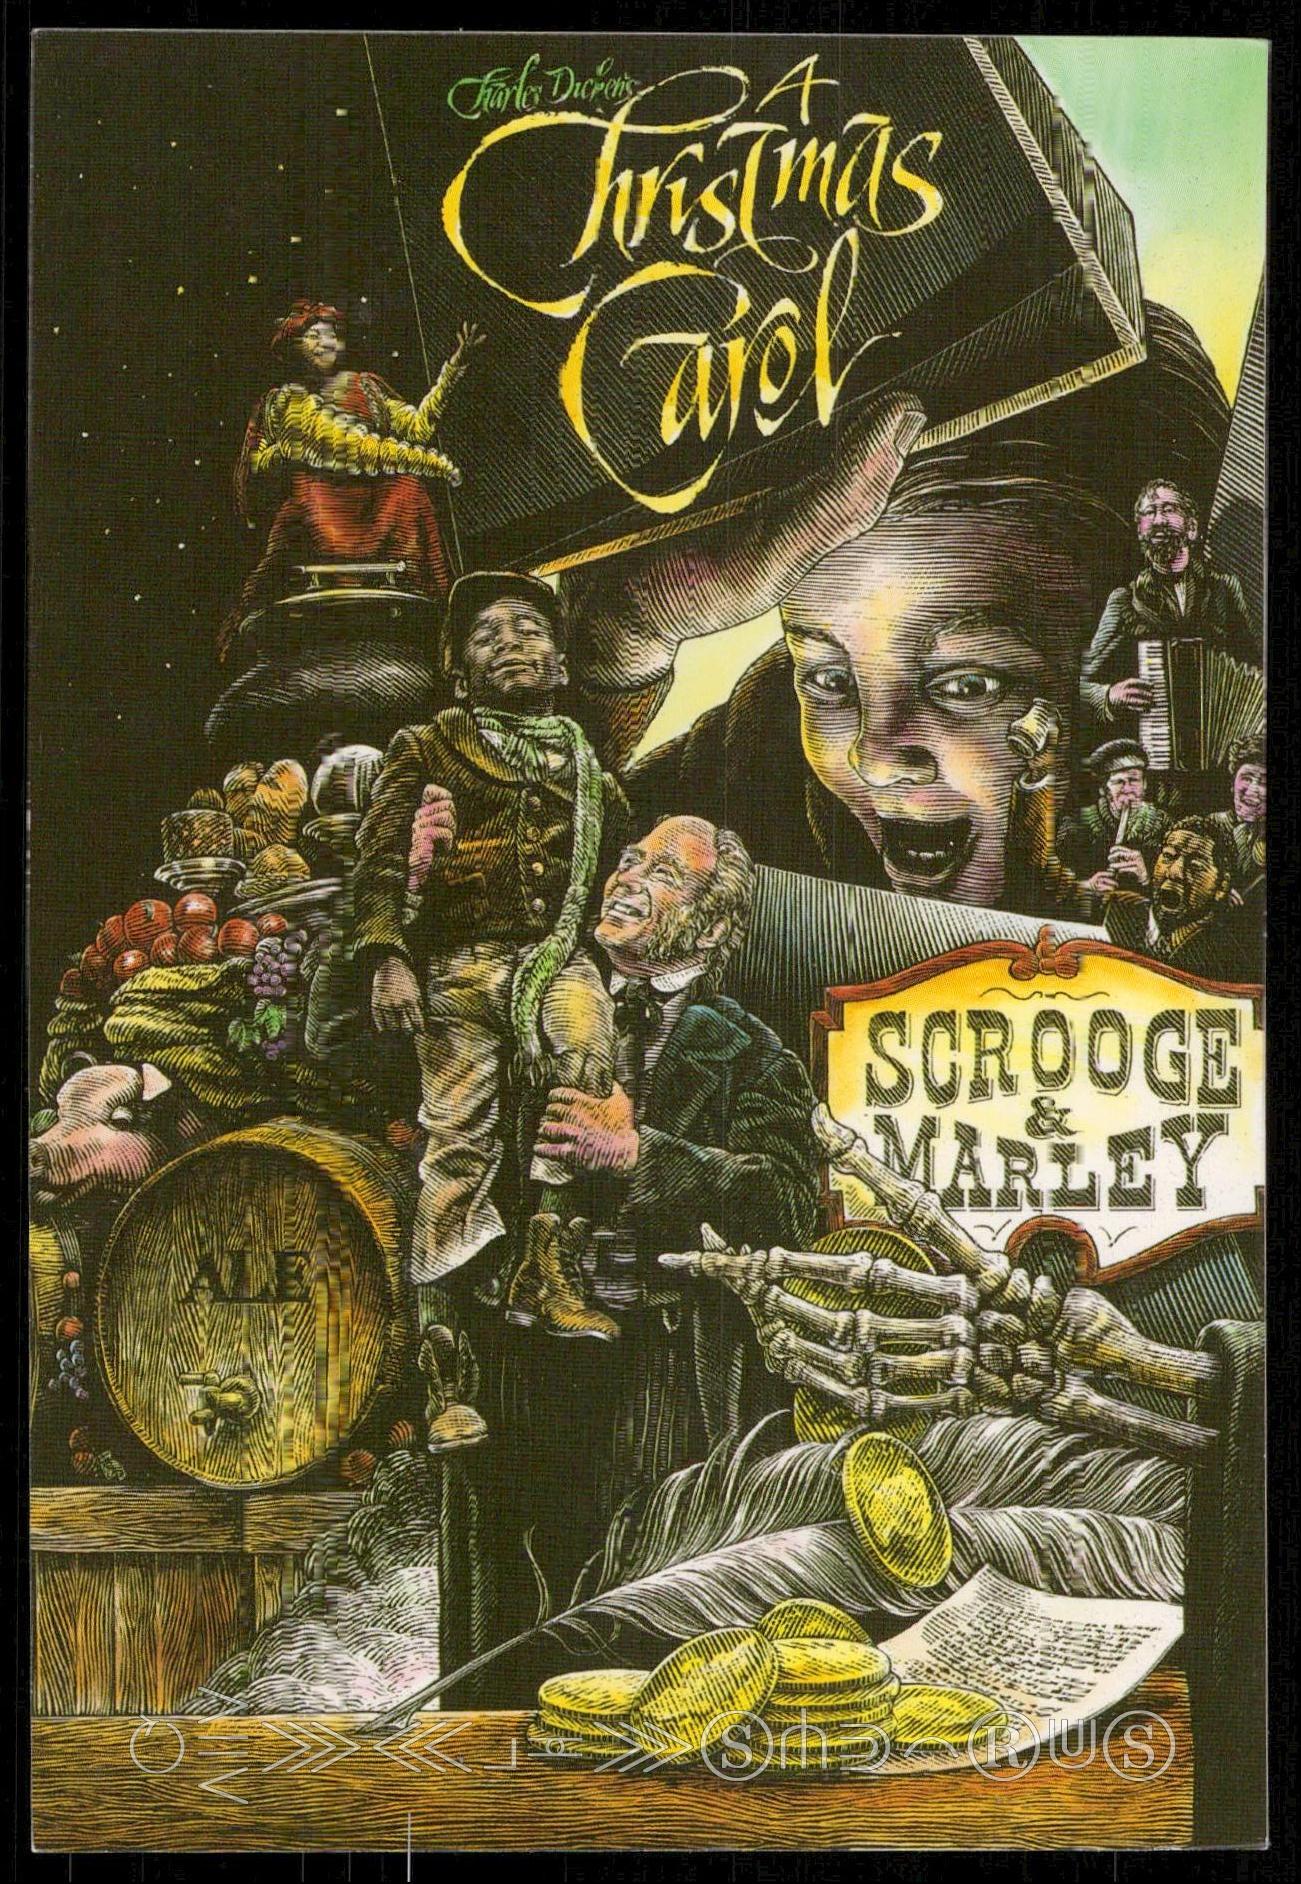 Christmas Carol Scrooge And Marley.Charles Dickens Christmas Carol Scrooge Marley Hippostcard